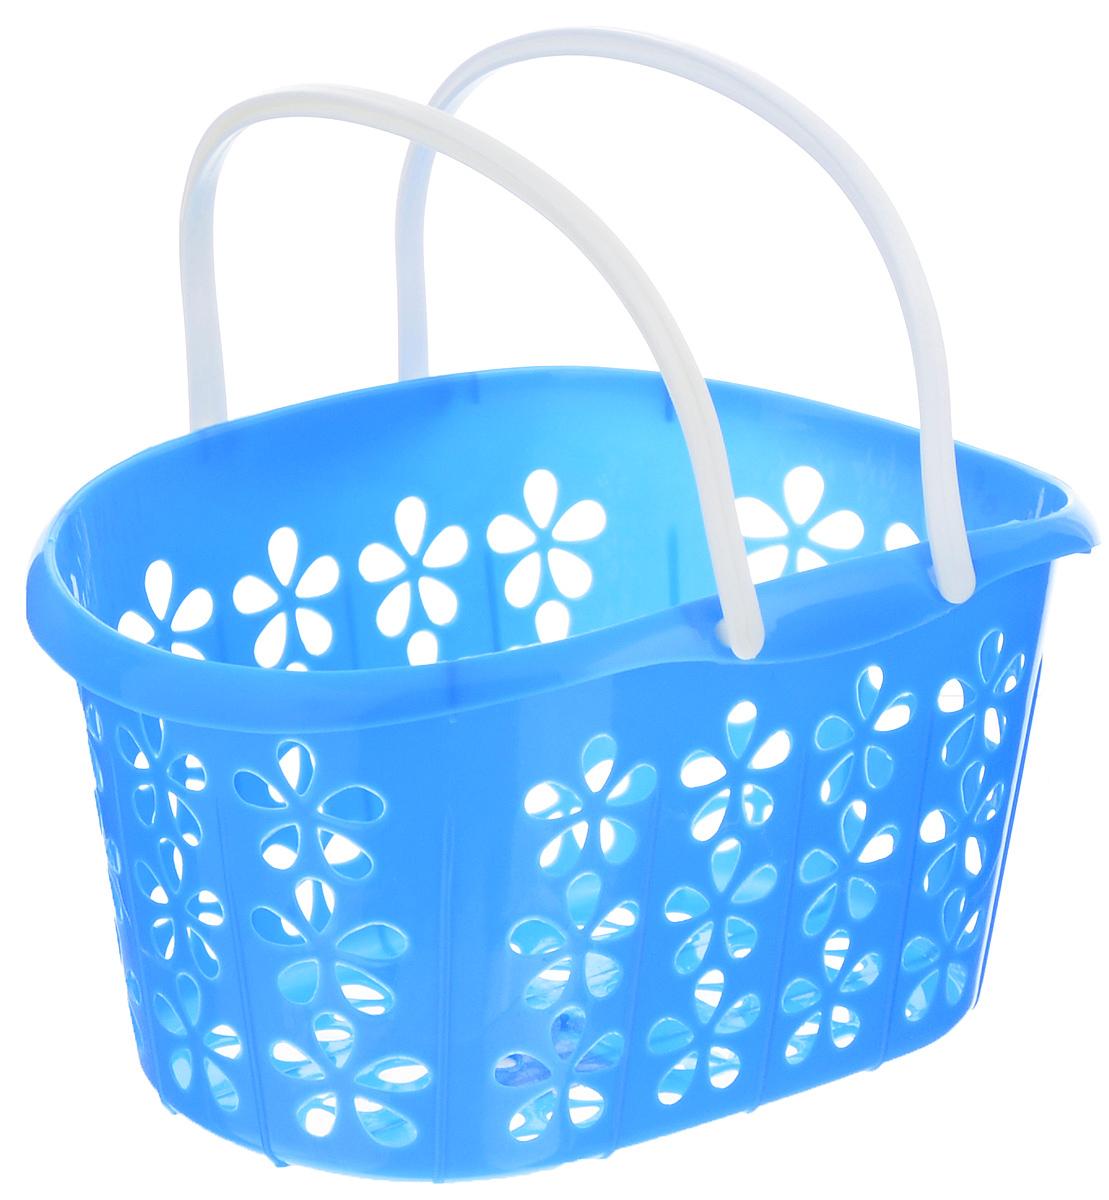 Корзинка Sima-land, с ручками, цвет: голубой, белый, 22,5 х 16,5 х 12 см139077_голубой, белыйКорзинка Sima-land, изготовленная из высококачественного прочного пластика, предназначена для хранения мелочей в ванной, на кухне, даче или гараже. Изделие оснащено двумя удобными складными ручками.Это легкая корзина с оригинальной перфорацией, жесткой кромкой и небольшими отверстиями позволяет хранить вещи в одном месте, исключая возможность их потери.